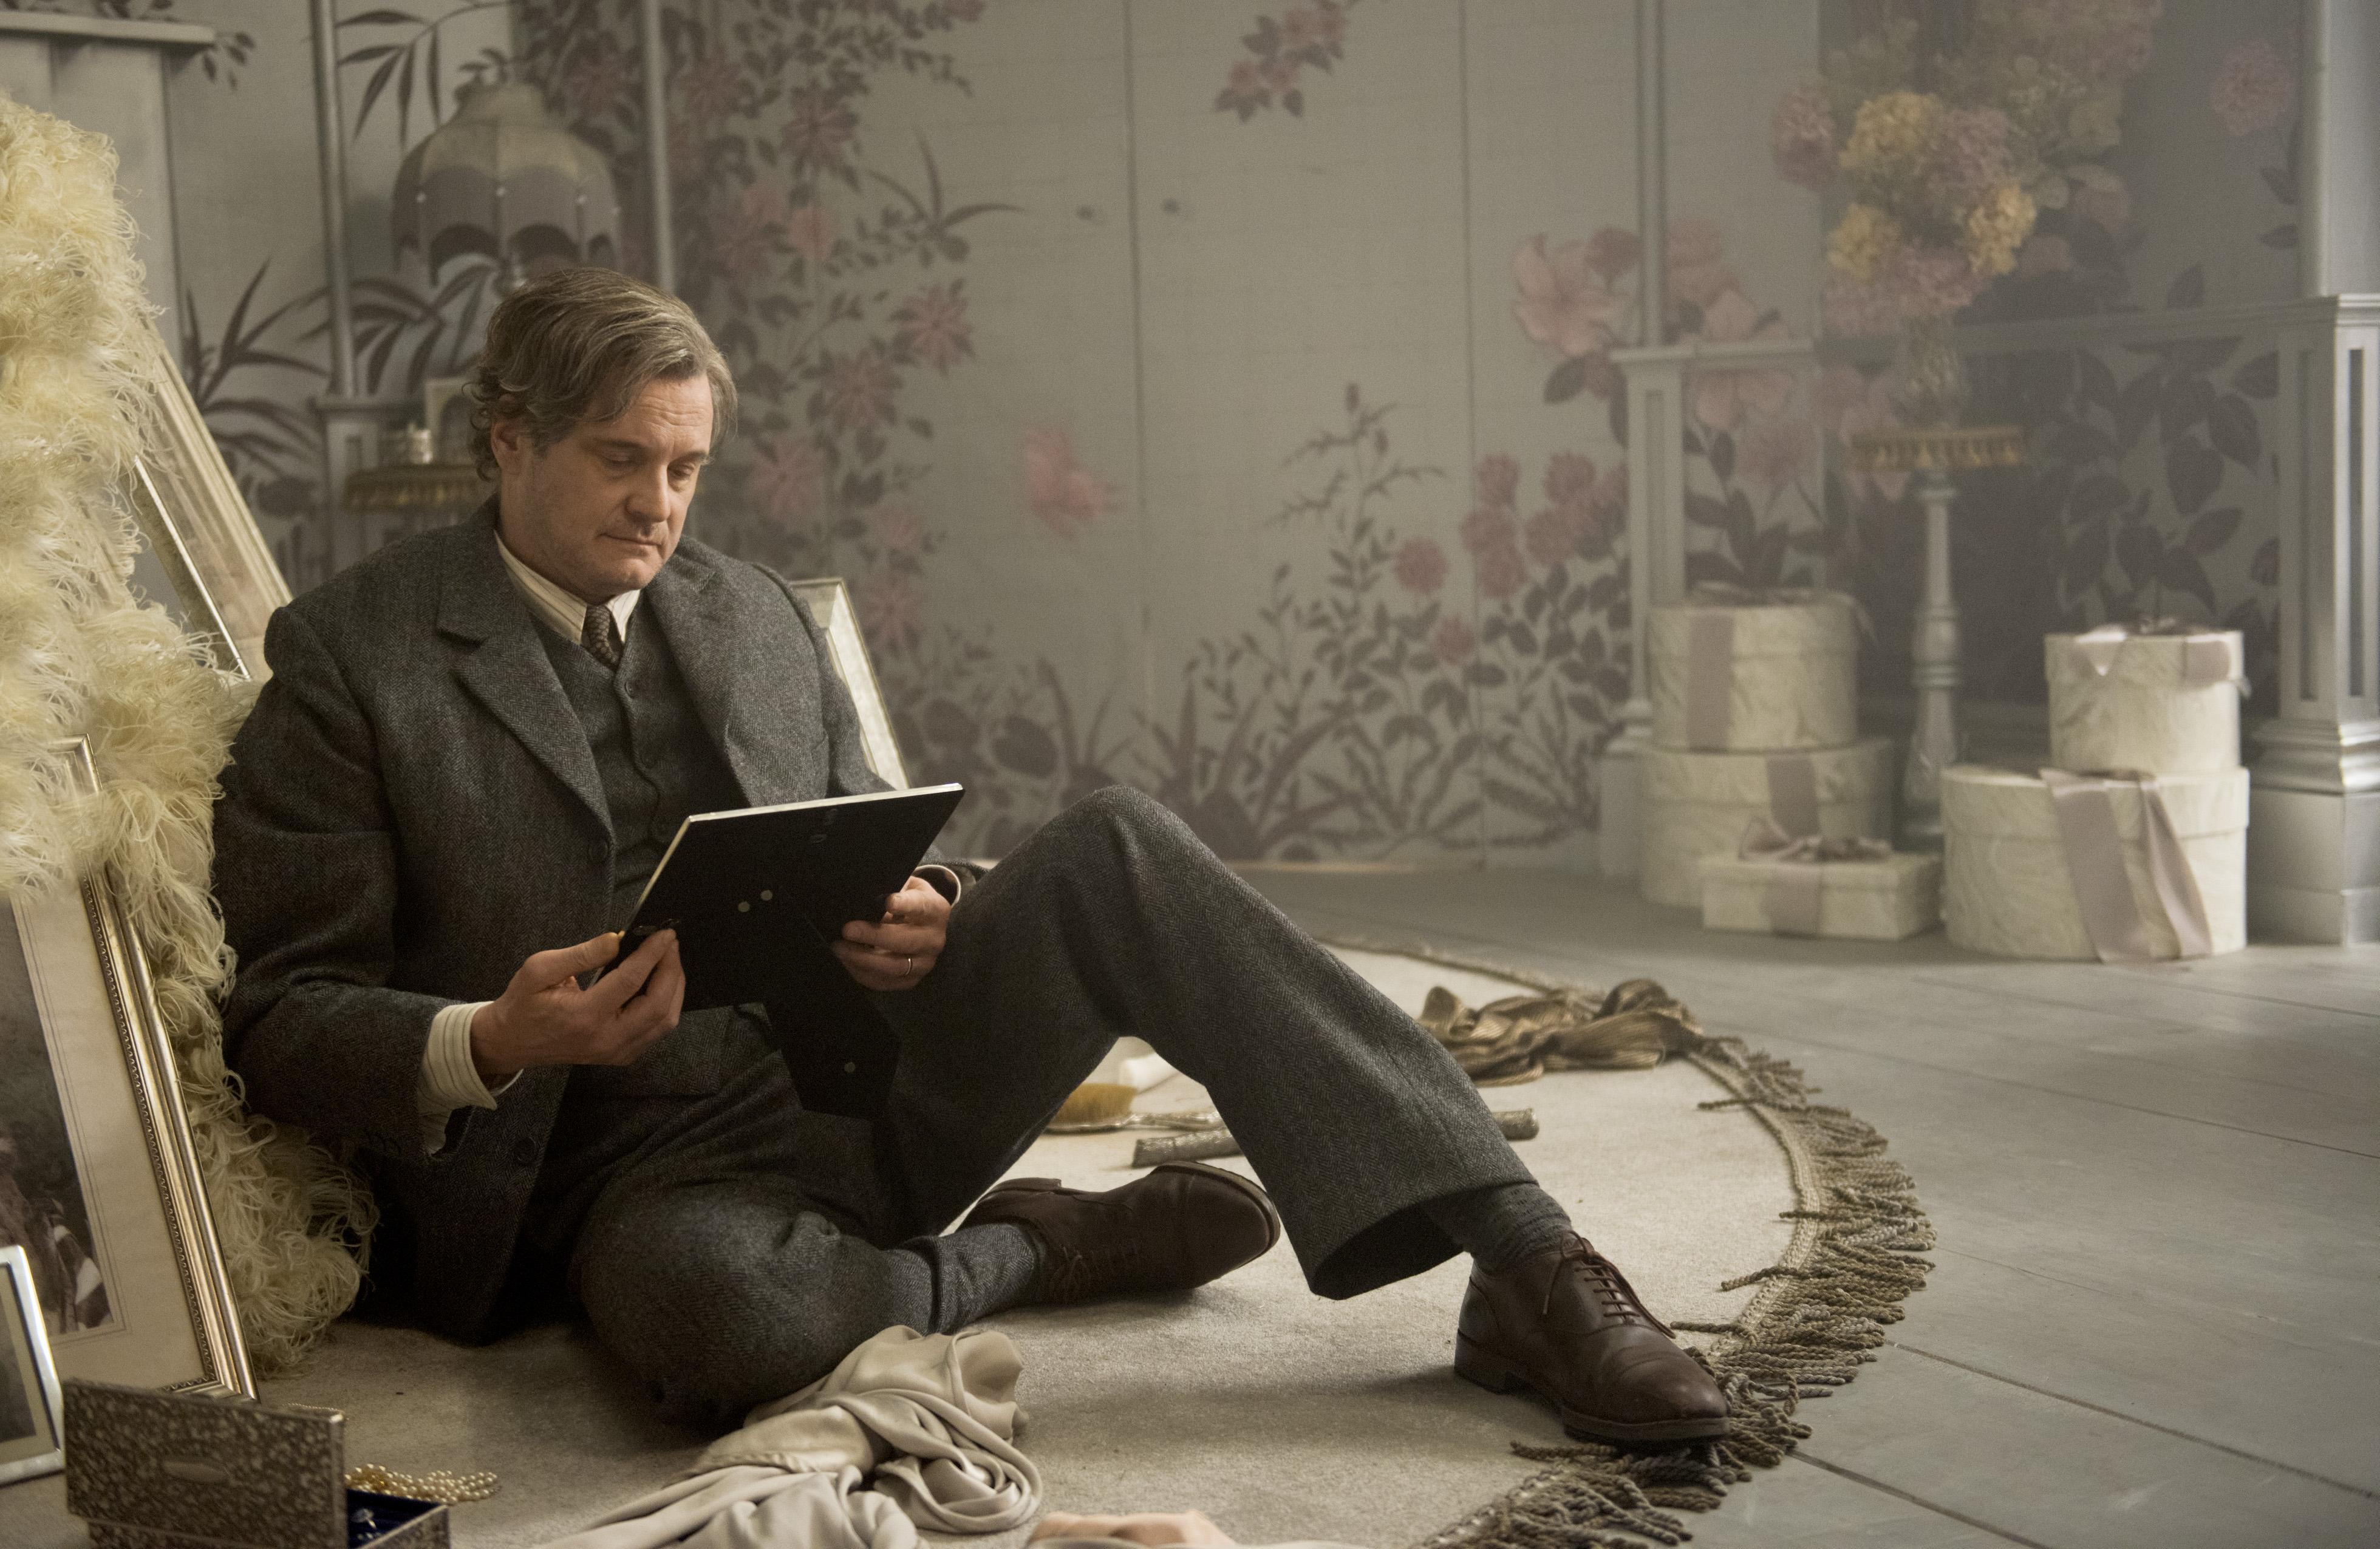 Colin Firth alias Lord Archibald sitzt in einem verstaubten, grauen Zimmer auf dem Boden und schaut mit liebevollem Blick auf ein Foto, scheinbar von seiner verstorbenen Frau.